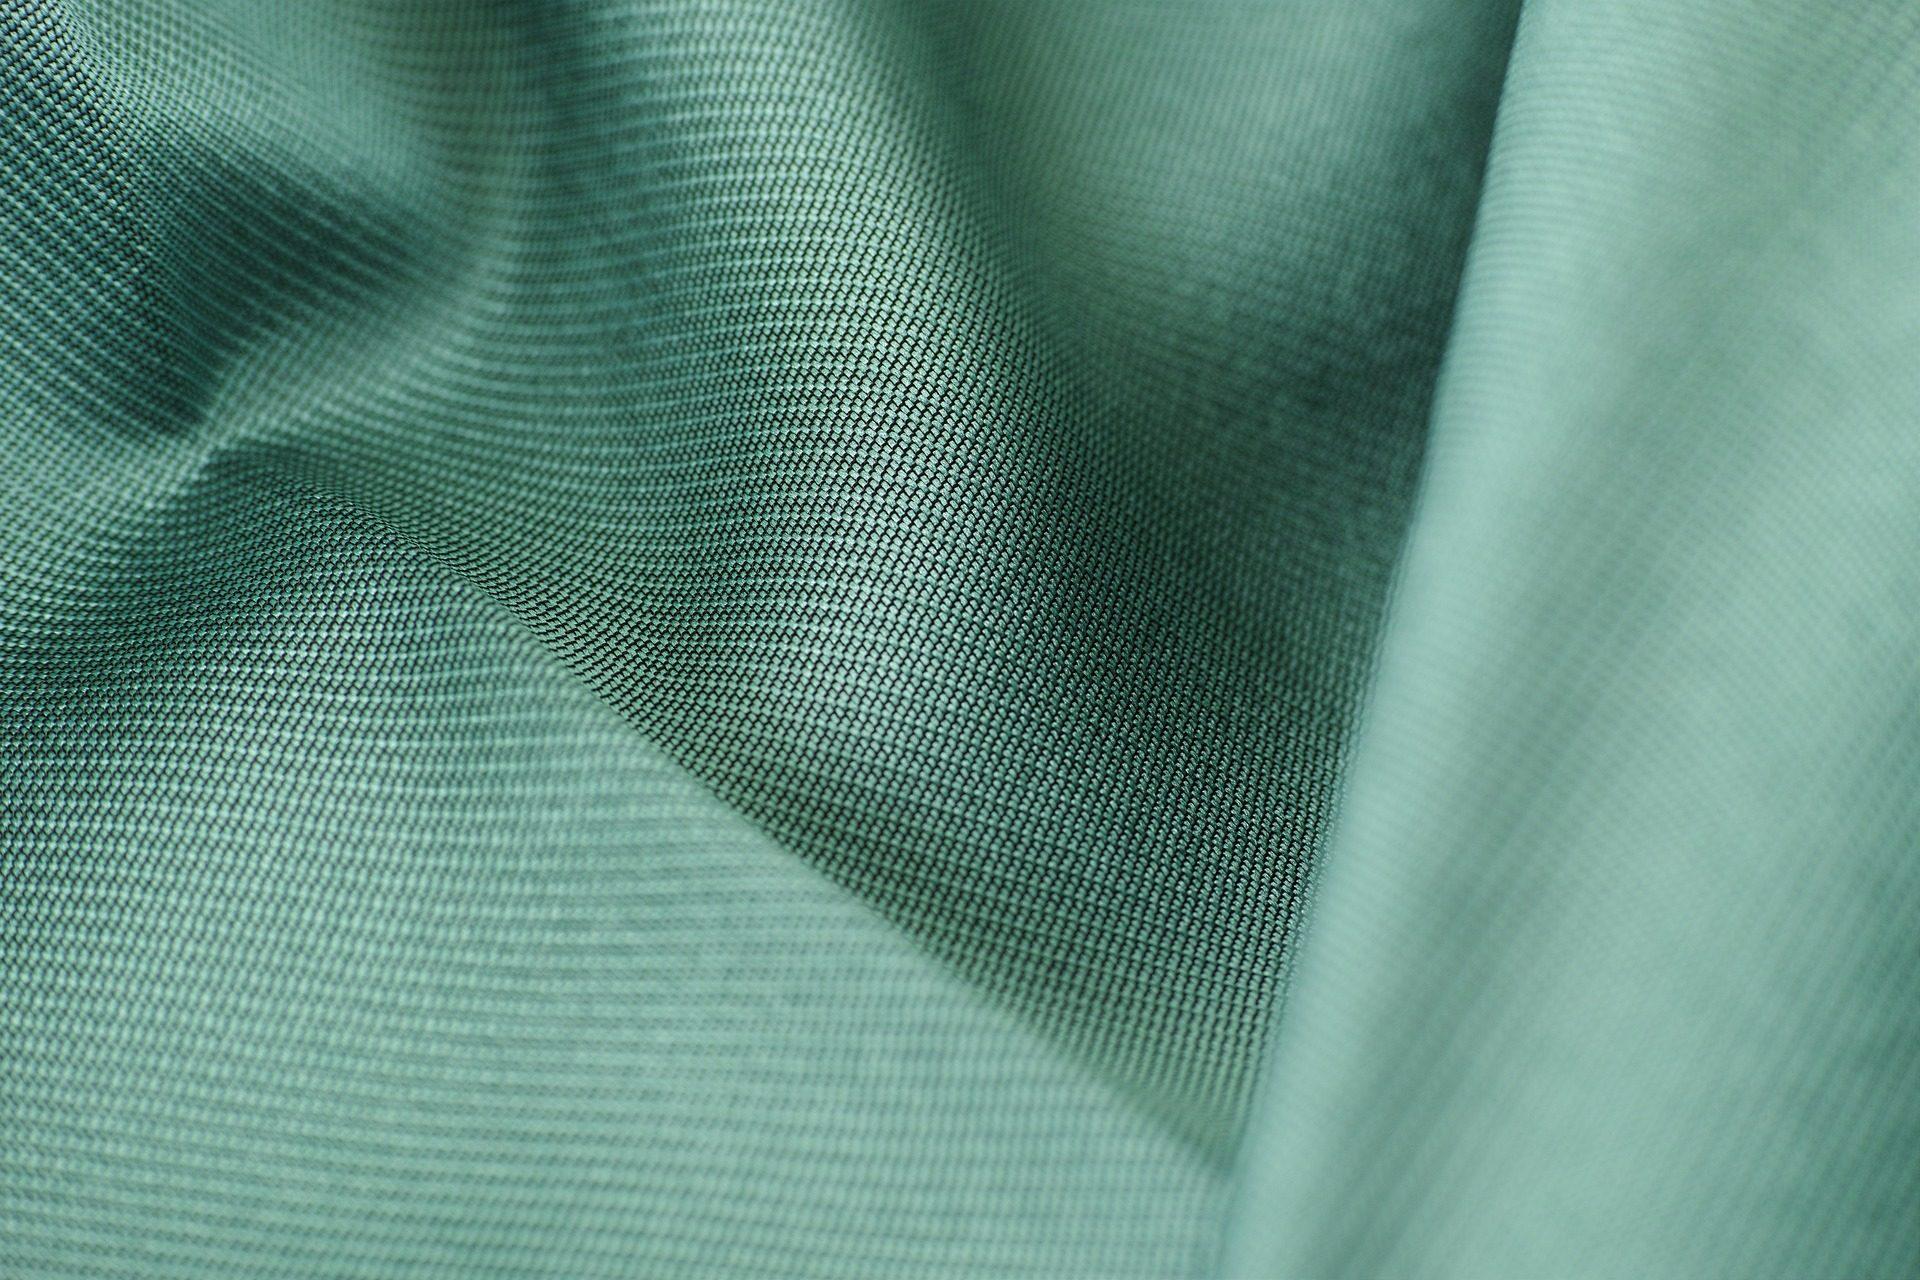 织物, 服装, 褶皱, 模式, 接缝 - 高清壁纸 - 教授-falken.com